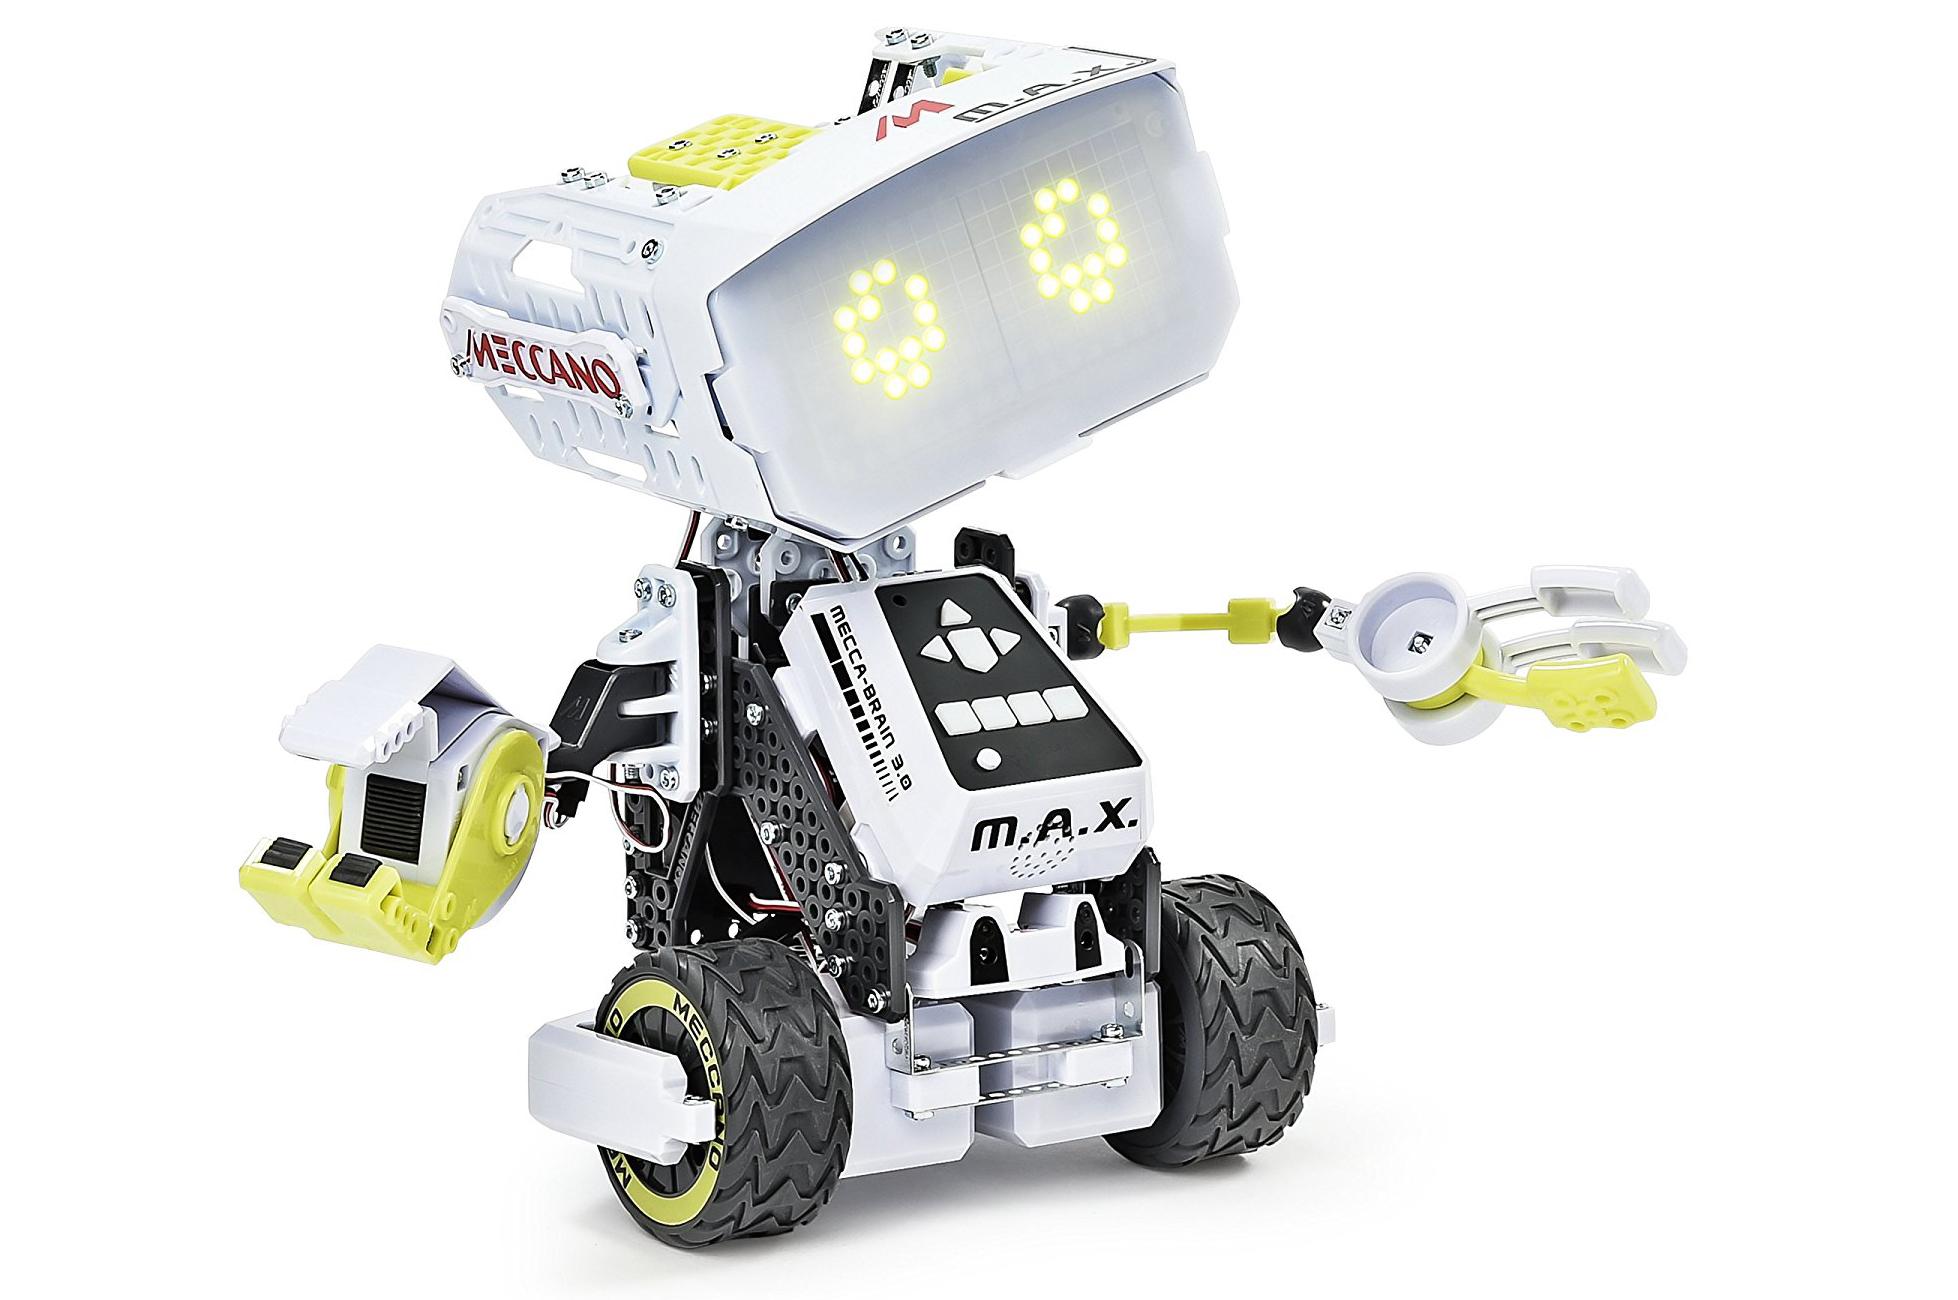 Image: Meccano M.A.X. robot